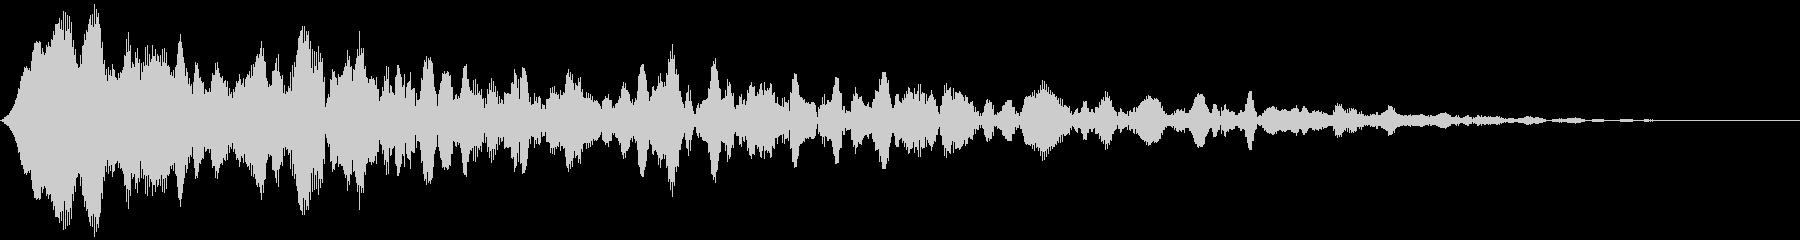 【アンビエント】ドローン_22 実験音の未再生の波形